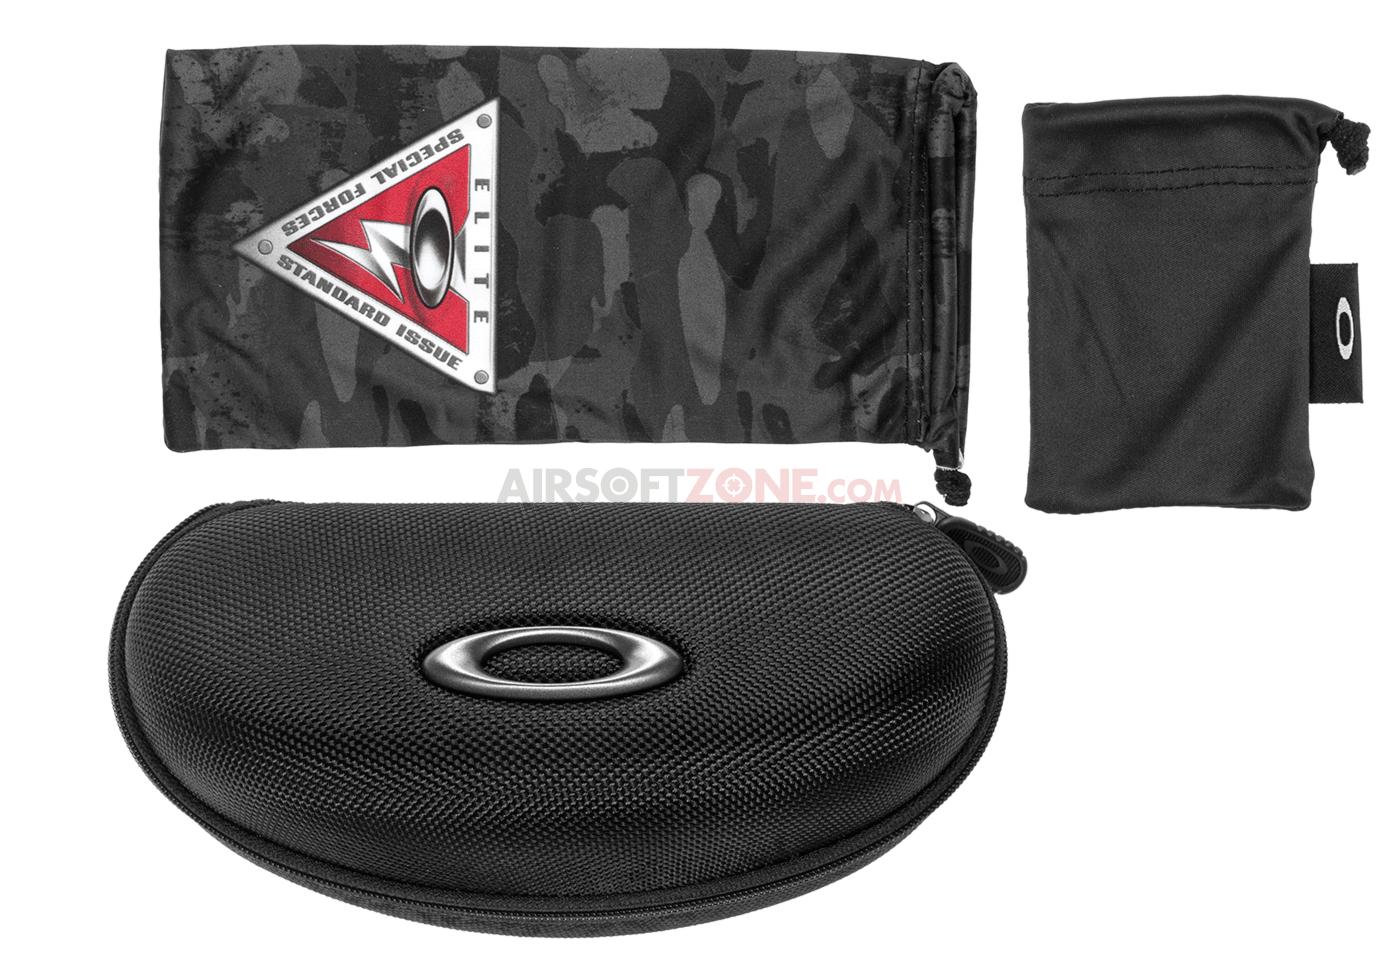 1e79f35dc5 SI Half Jacket 2.0 XLJ Array (Oakley) - Brillen - Schutzbrillen -  Schutzausrüstung - airsoftzone.com Onlineshop